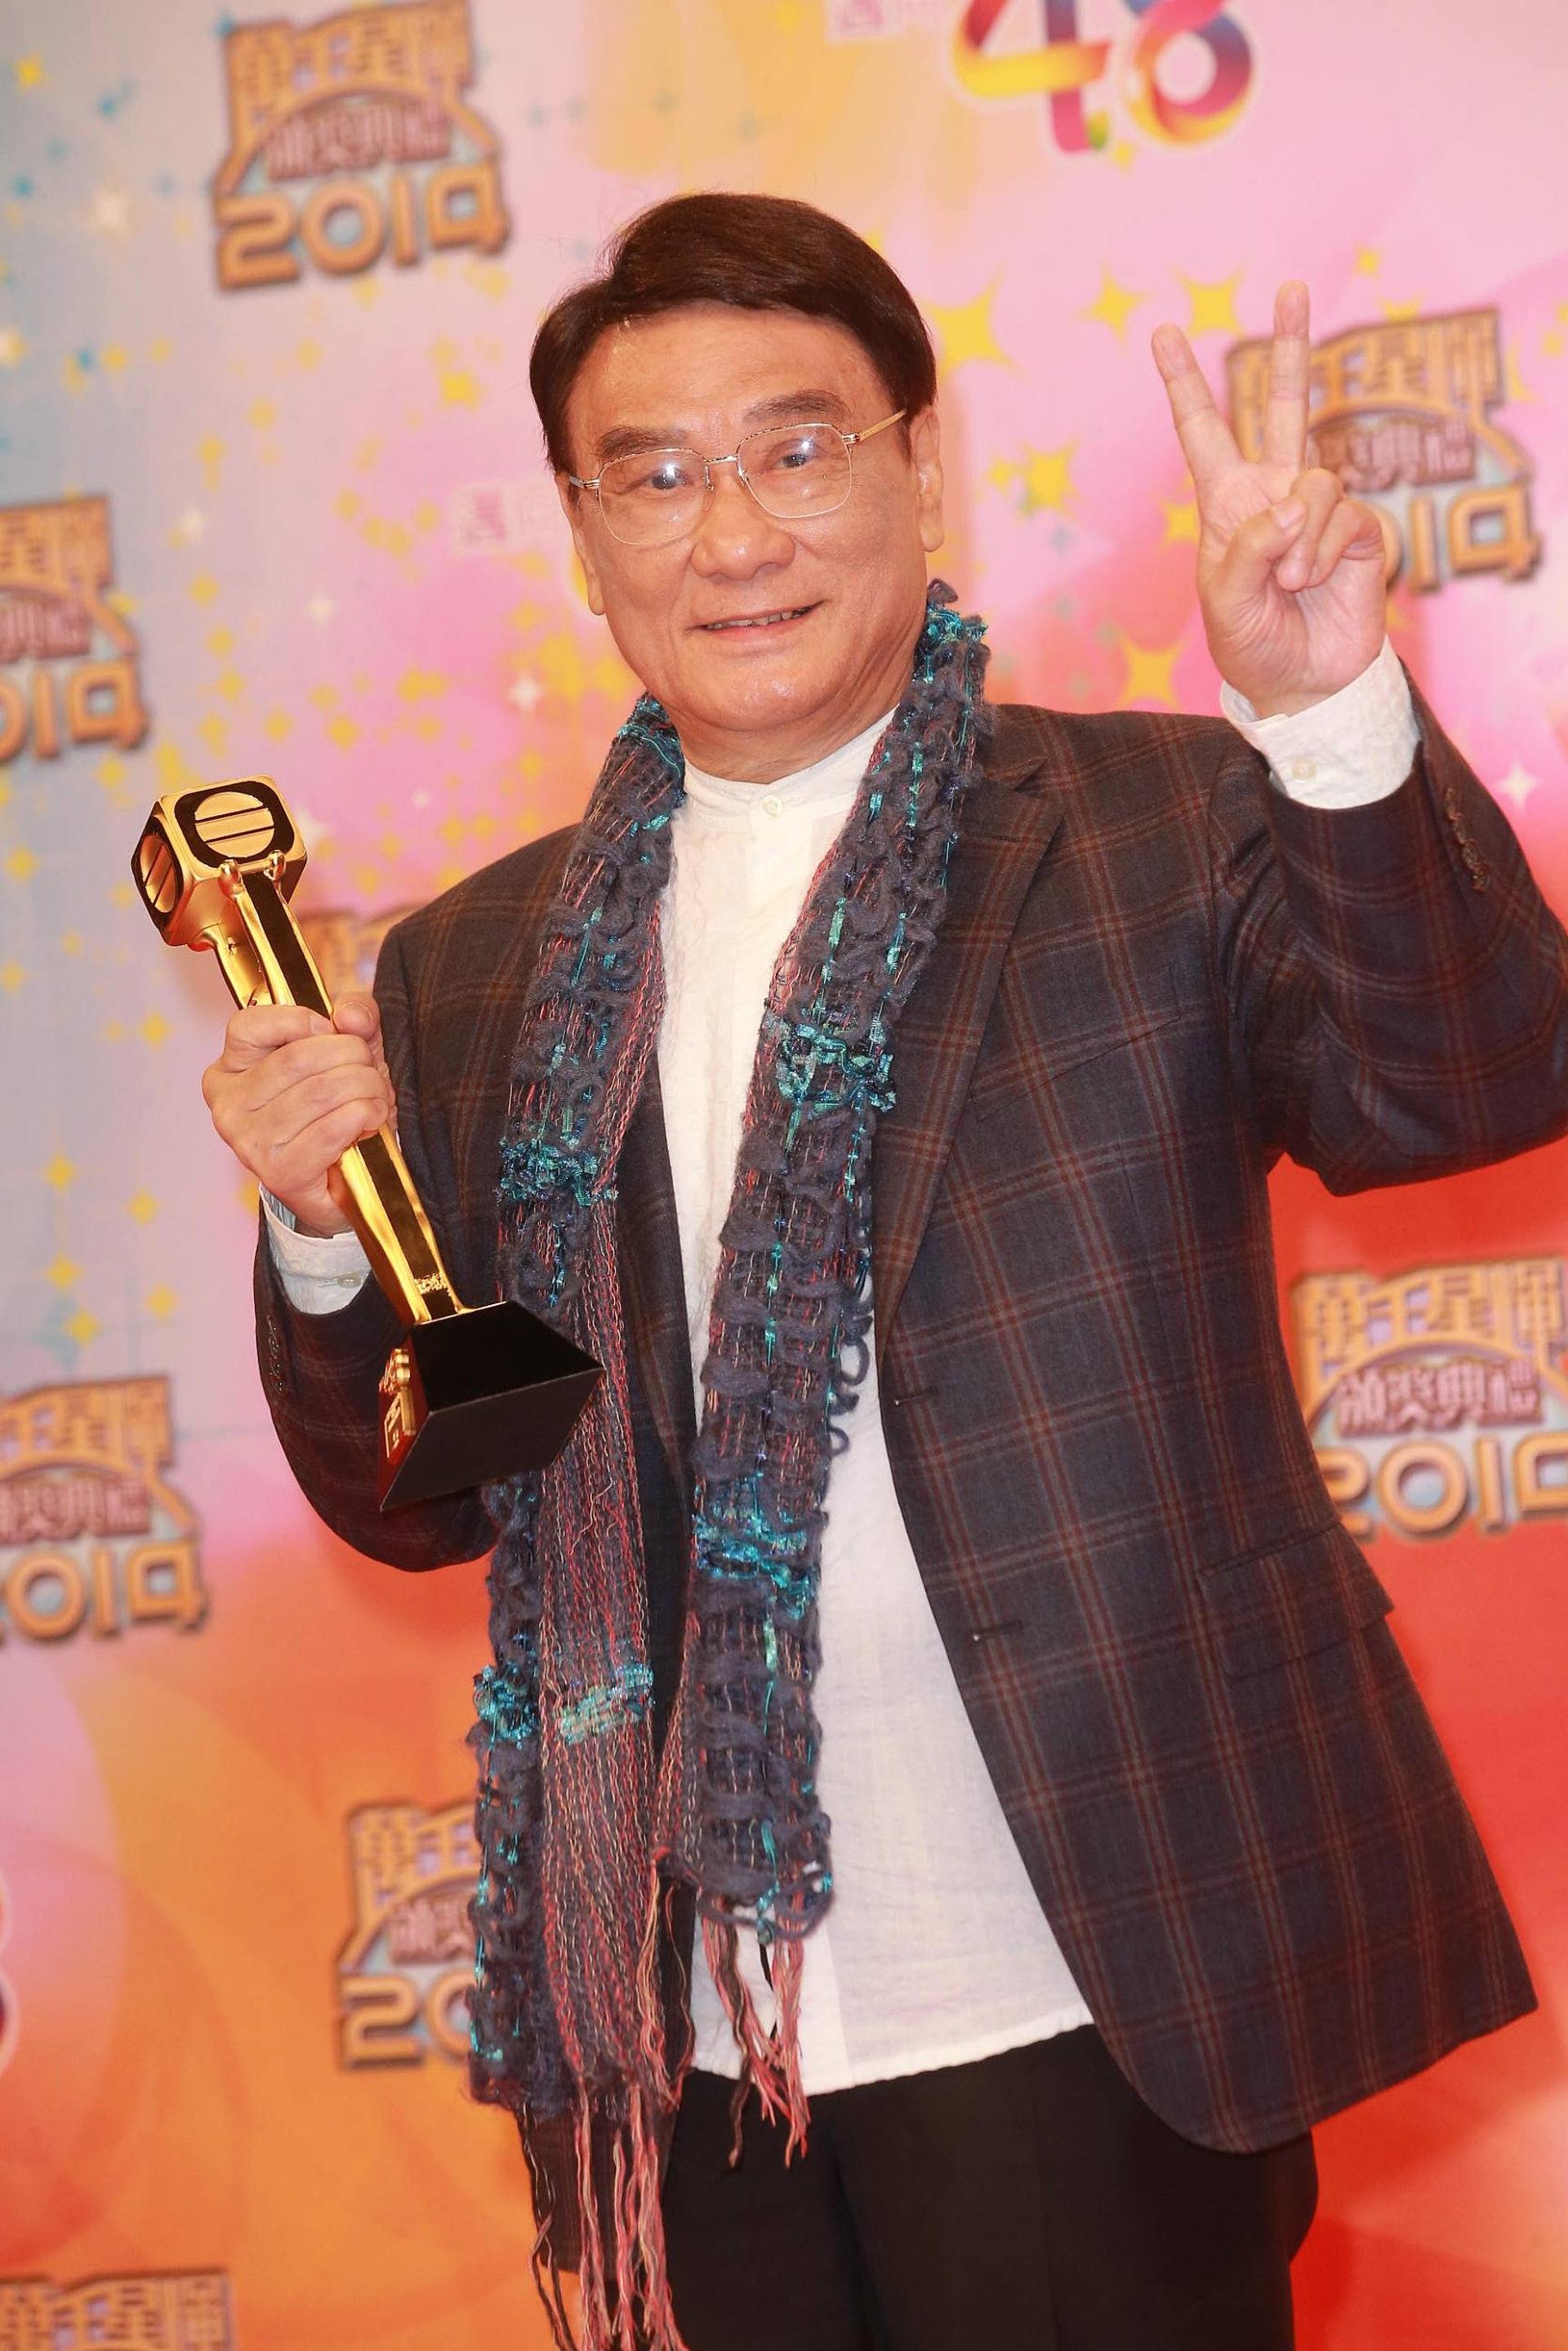 譚炳文在2014年榮獲「萬千光輝演藝人大獎」。(視覺中國)